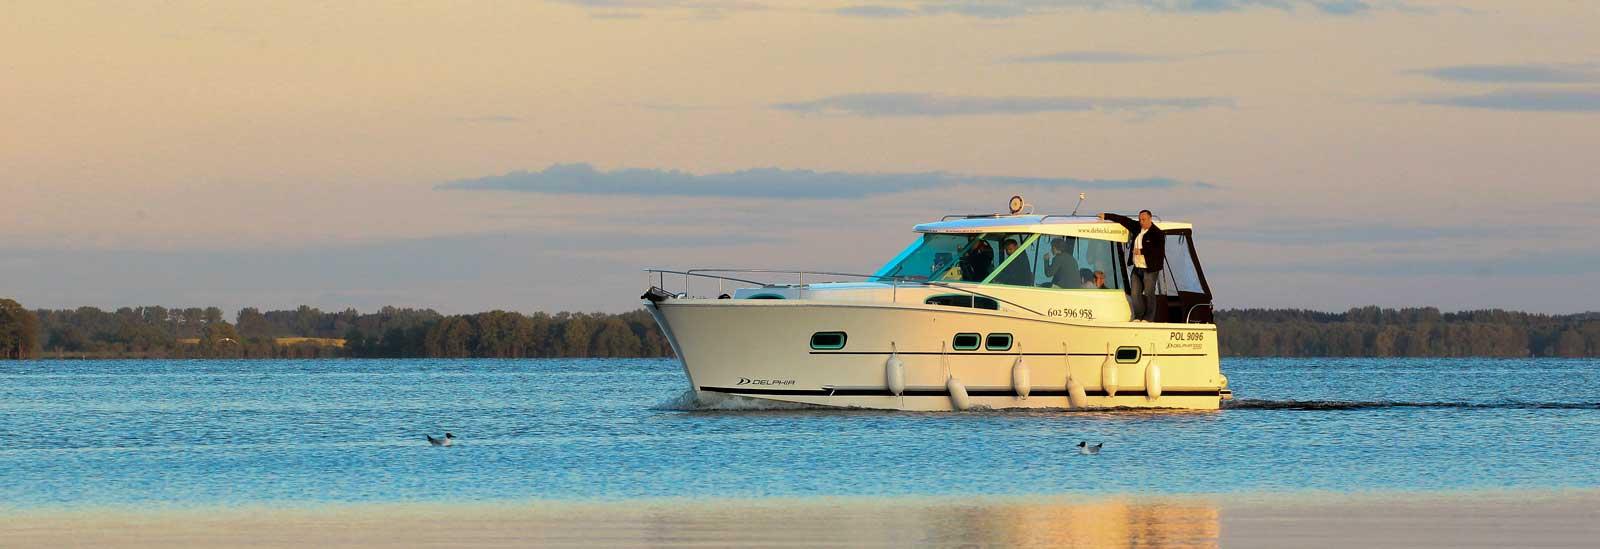 Nautika 1000 Jacht Motorowy Bez Patentu Na Mazurach W